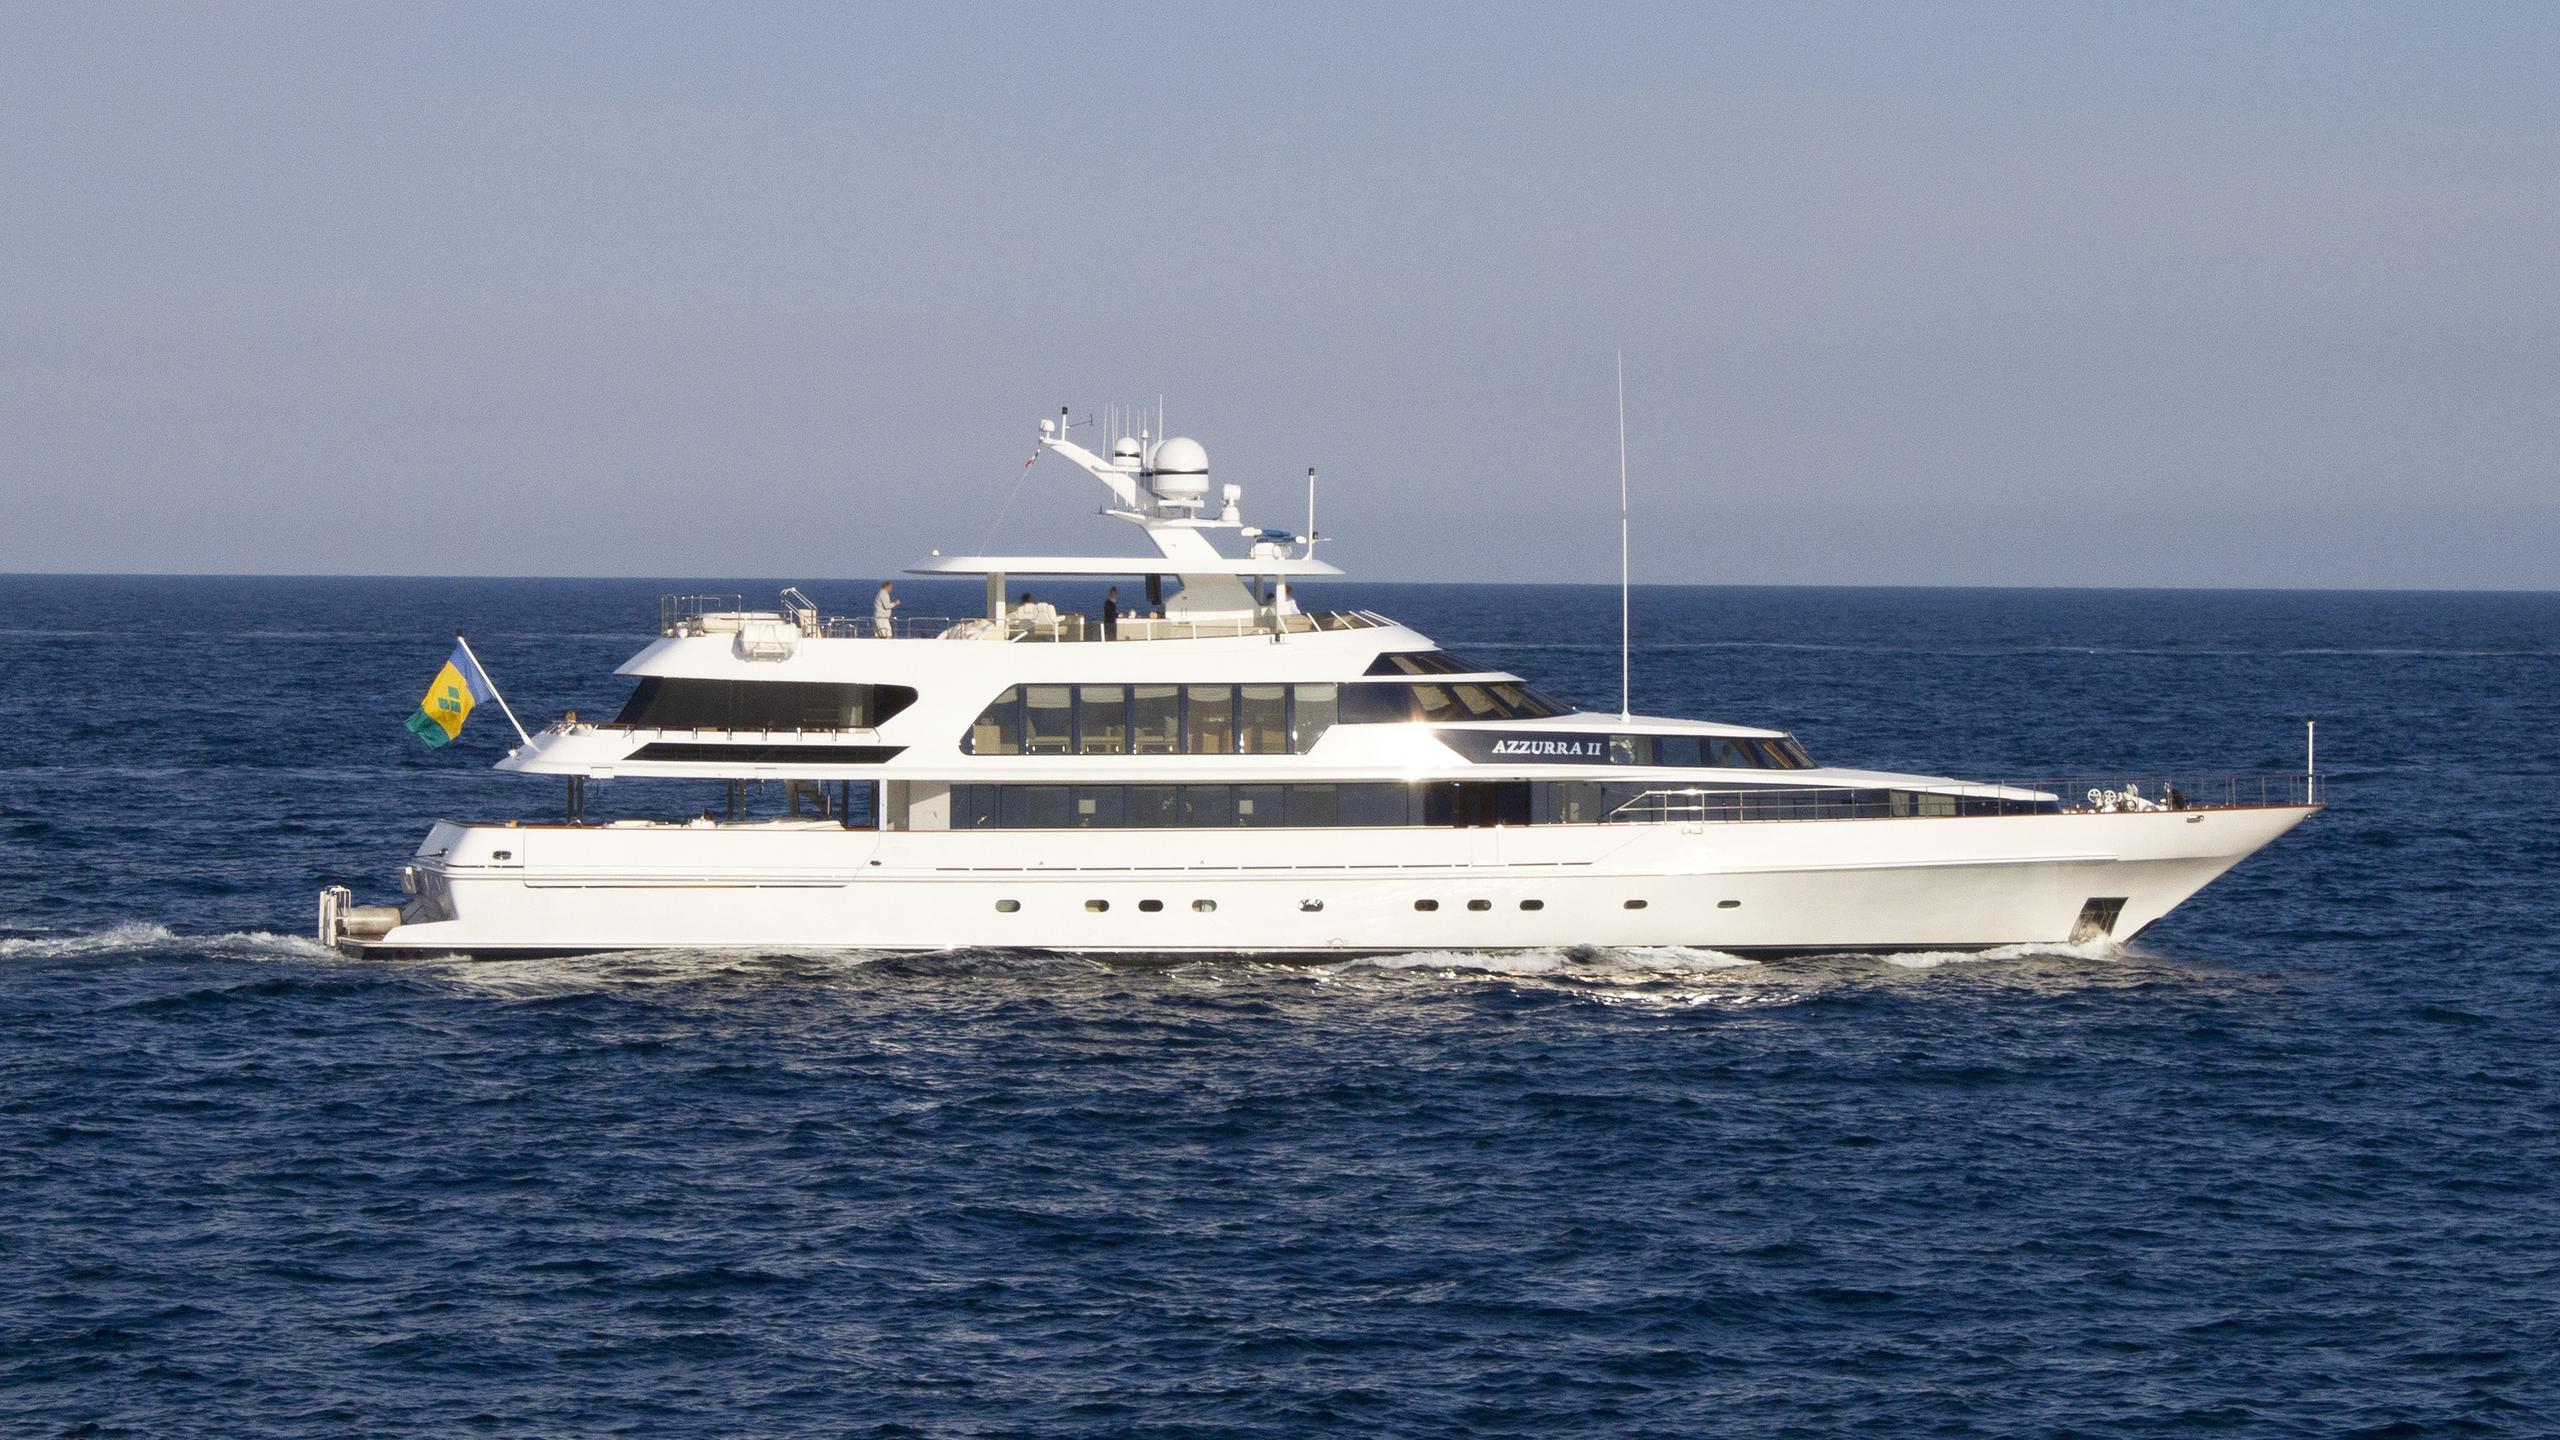 azzurra-ii-motor-yacht-crn-1988-48m-running-profile